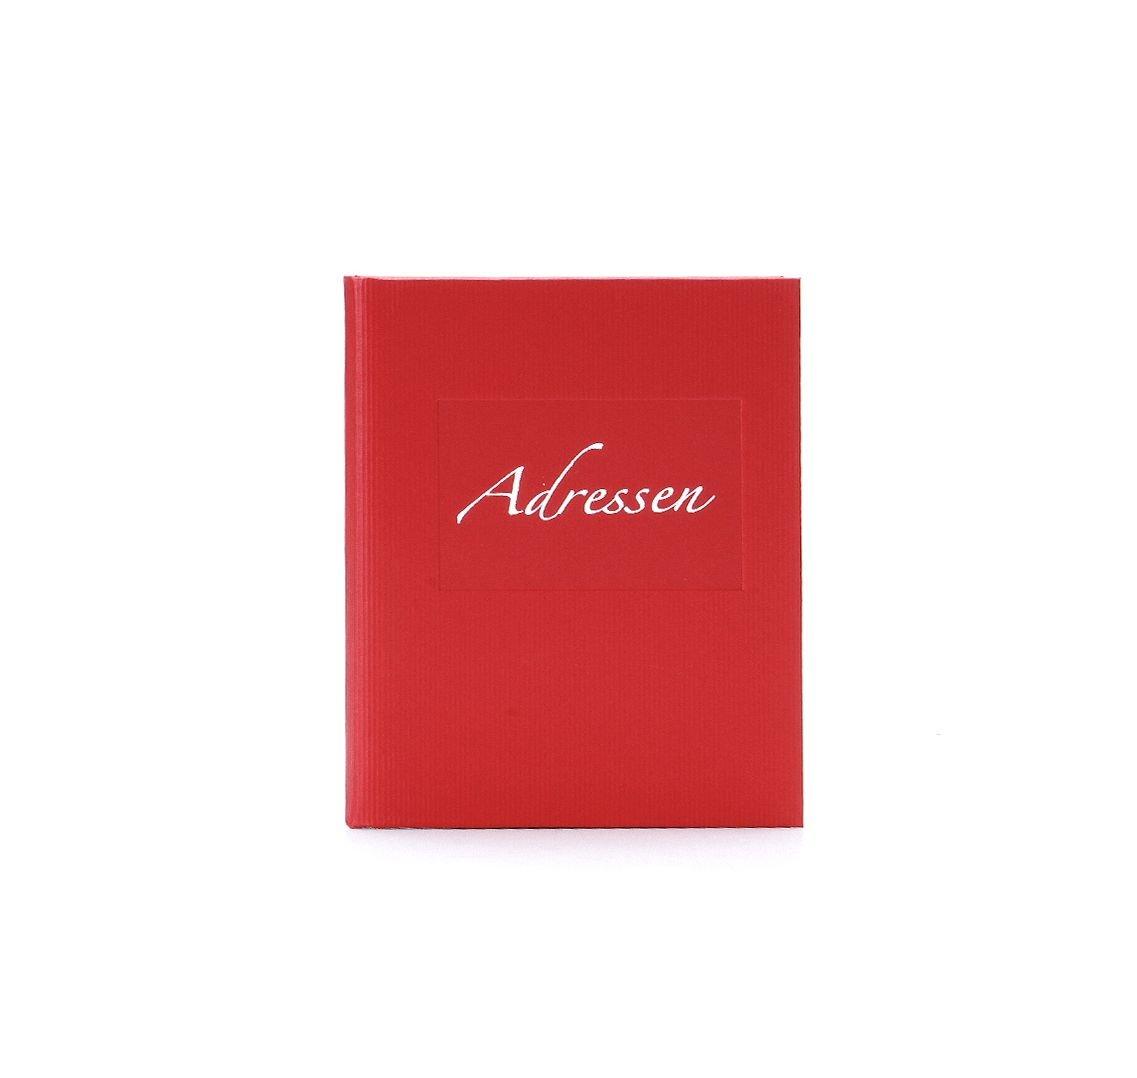 Goldbuch 66047-Adressbuch Seda, 11 x 17 cm, 117 Seiten 66 047 Goldbuch